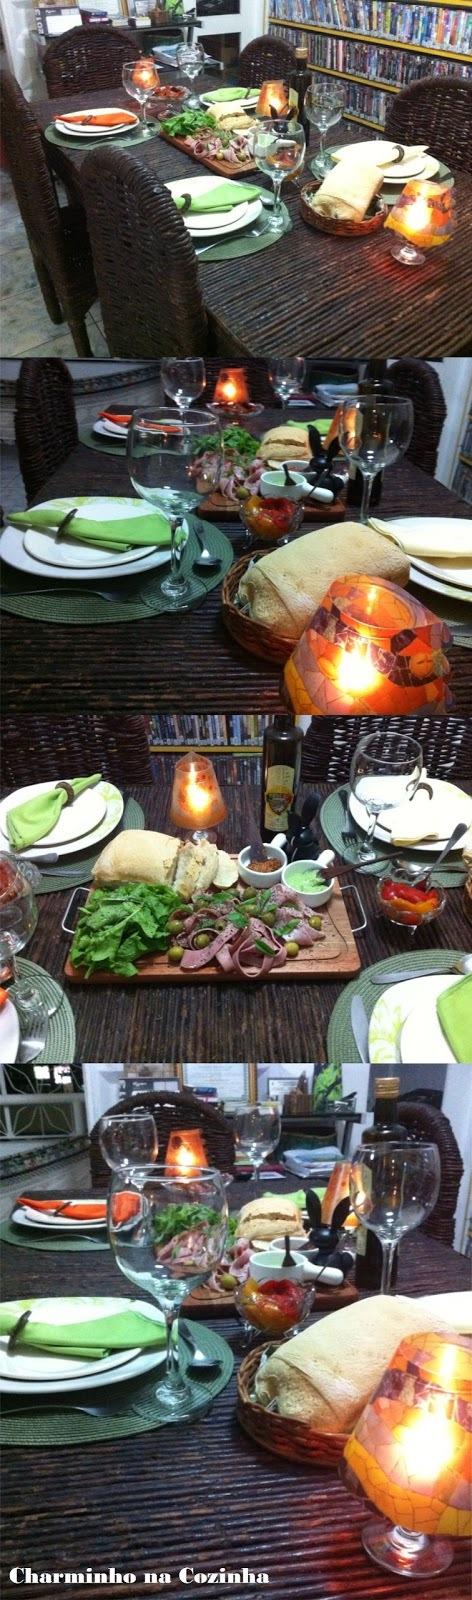 cardapio simples para jantar com 60 pessoas